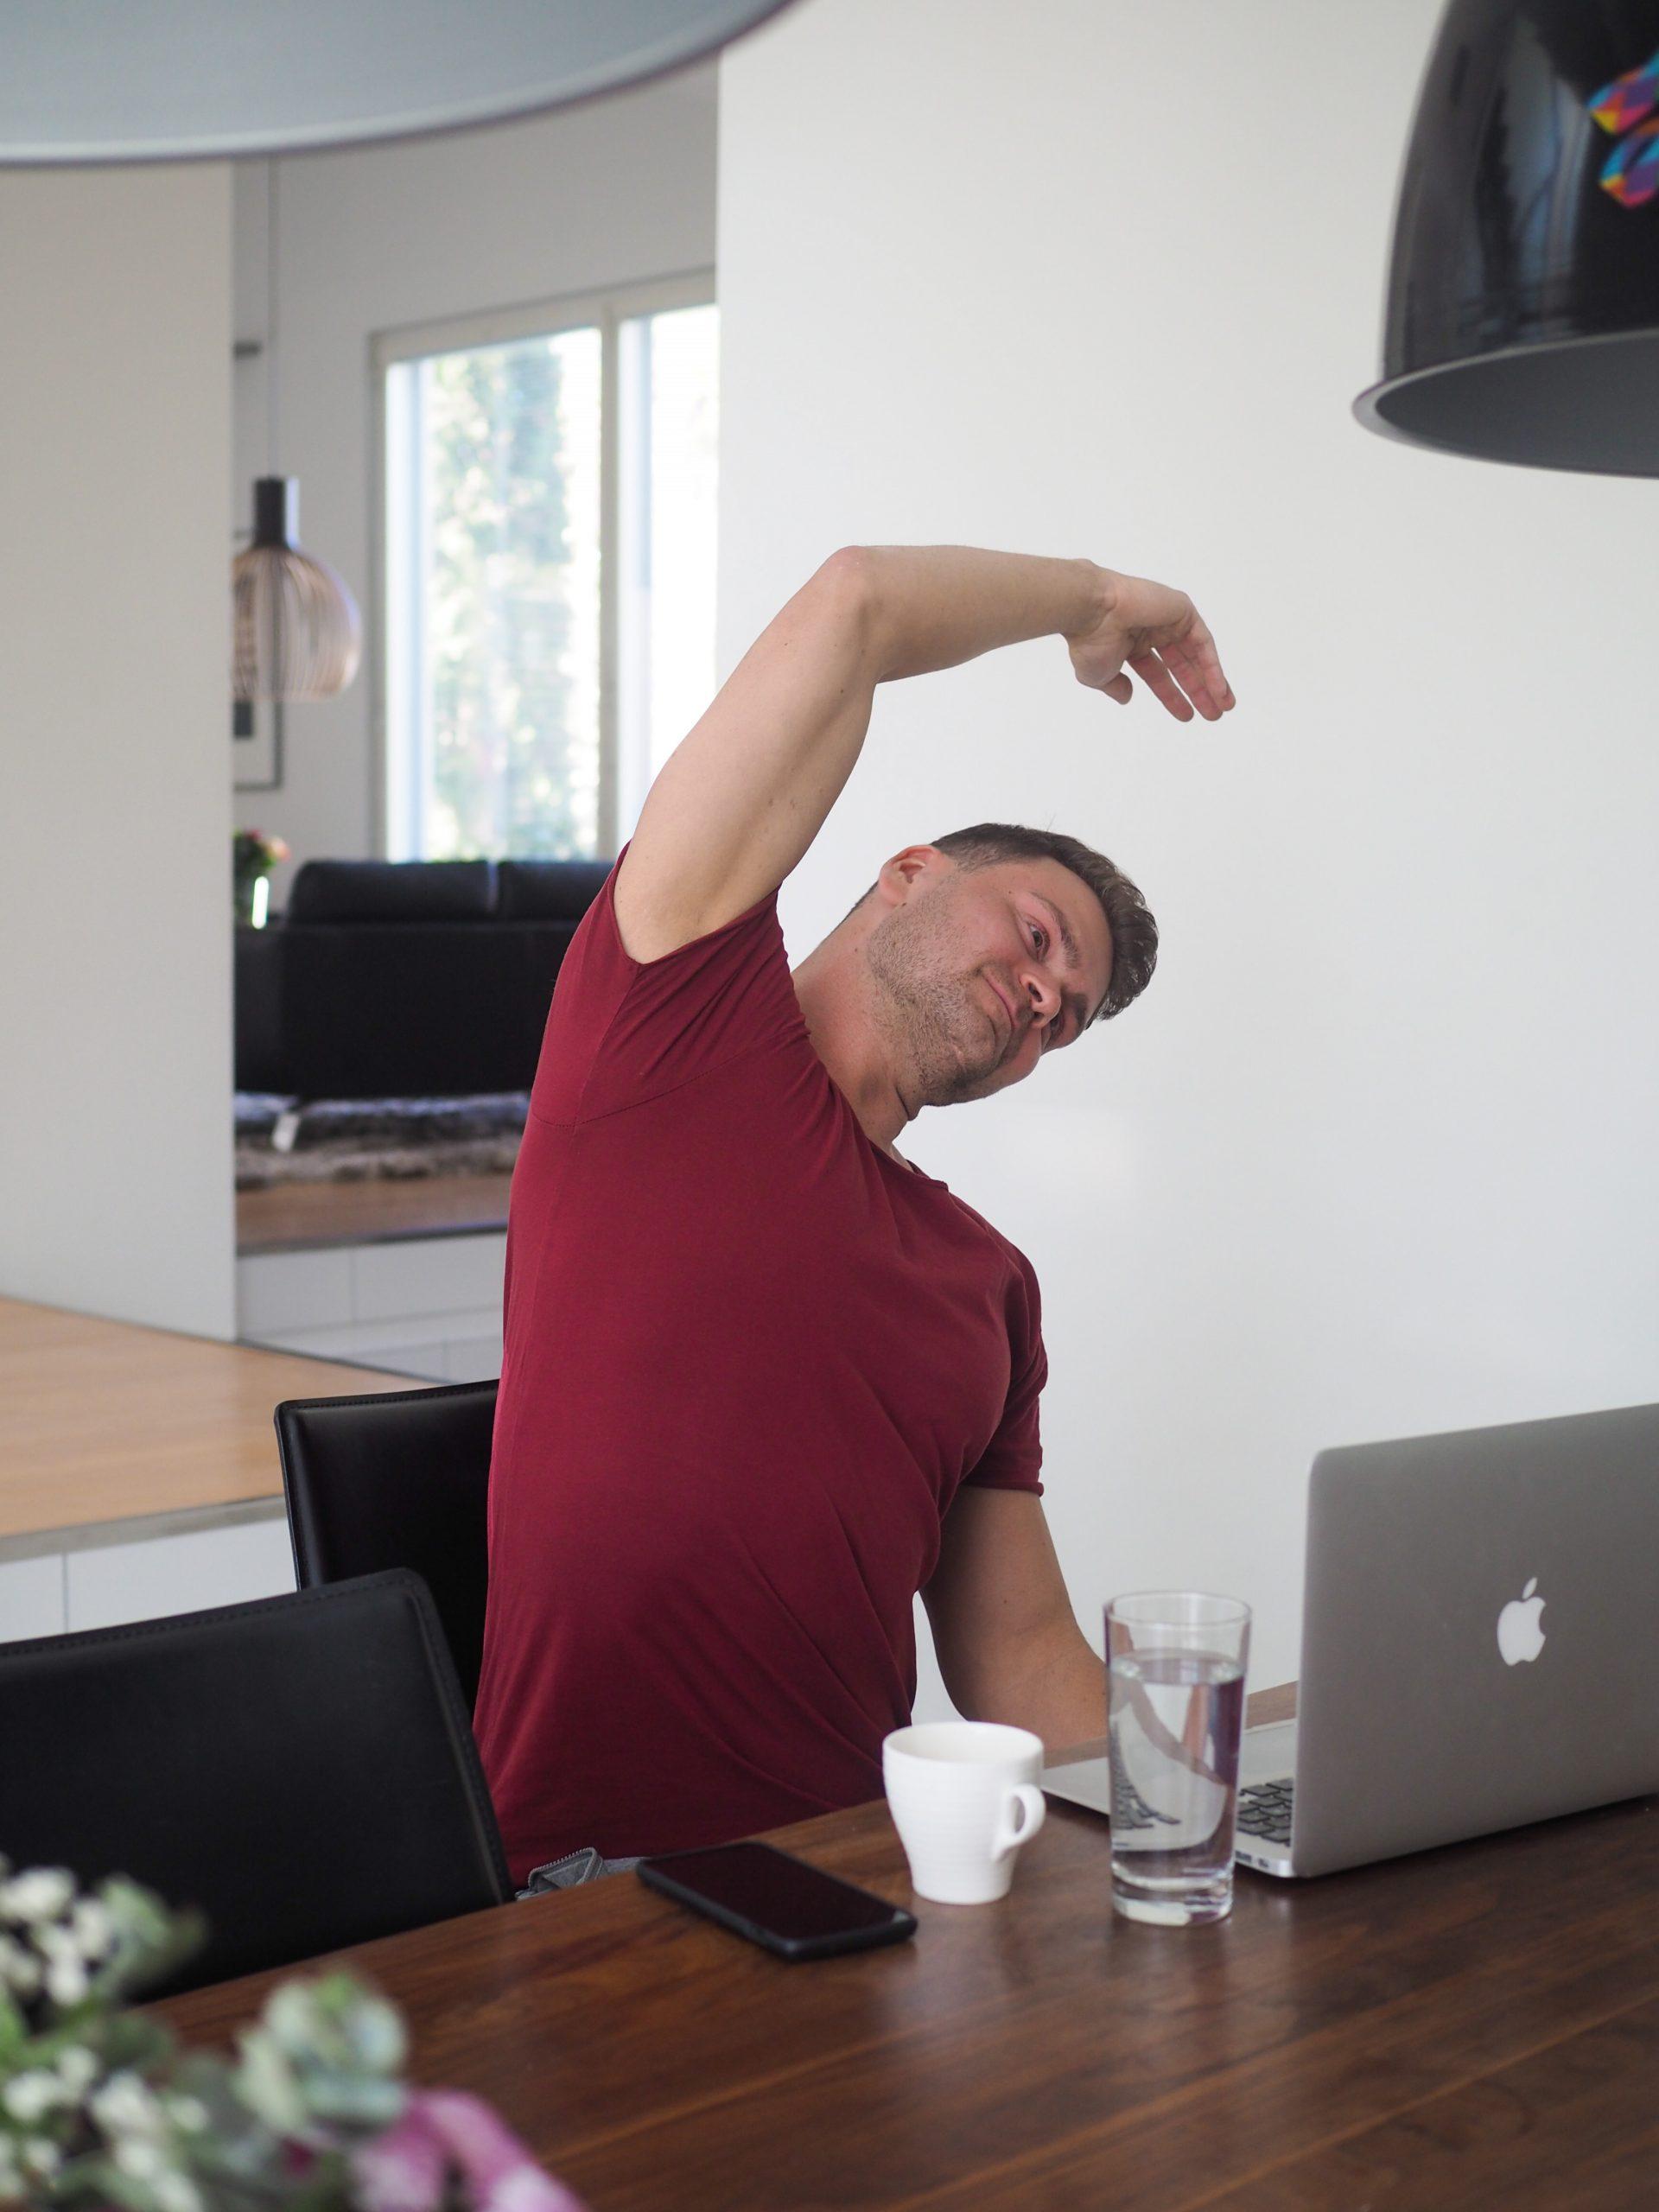 Mies punaisessa paidassa taukojumppaa, kyljen venytys